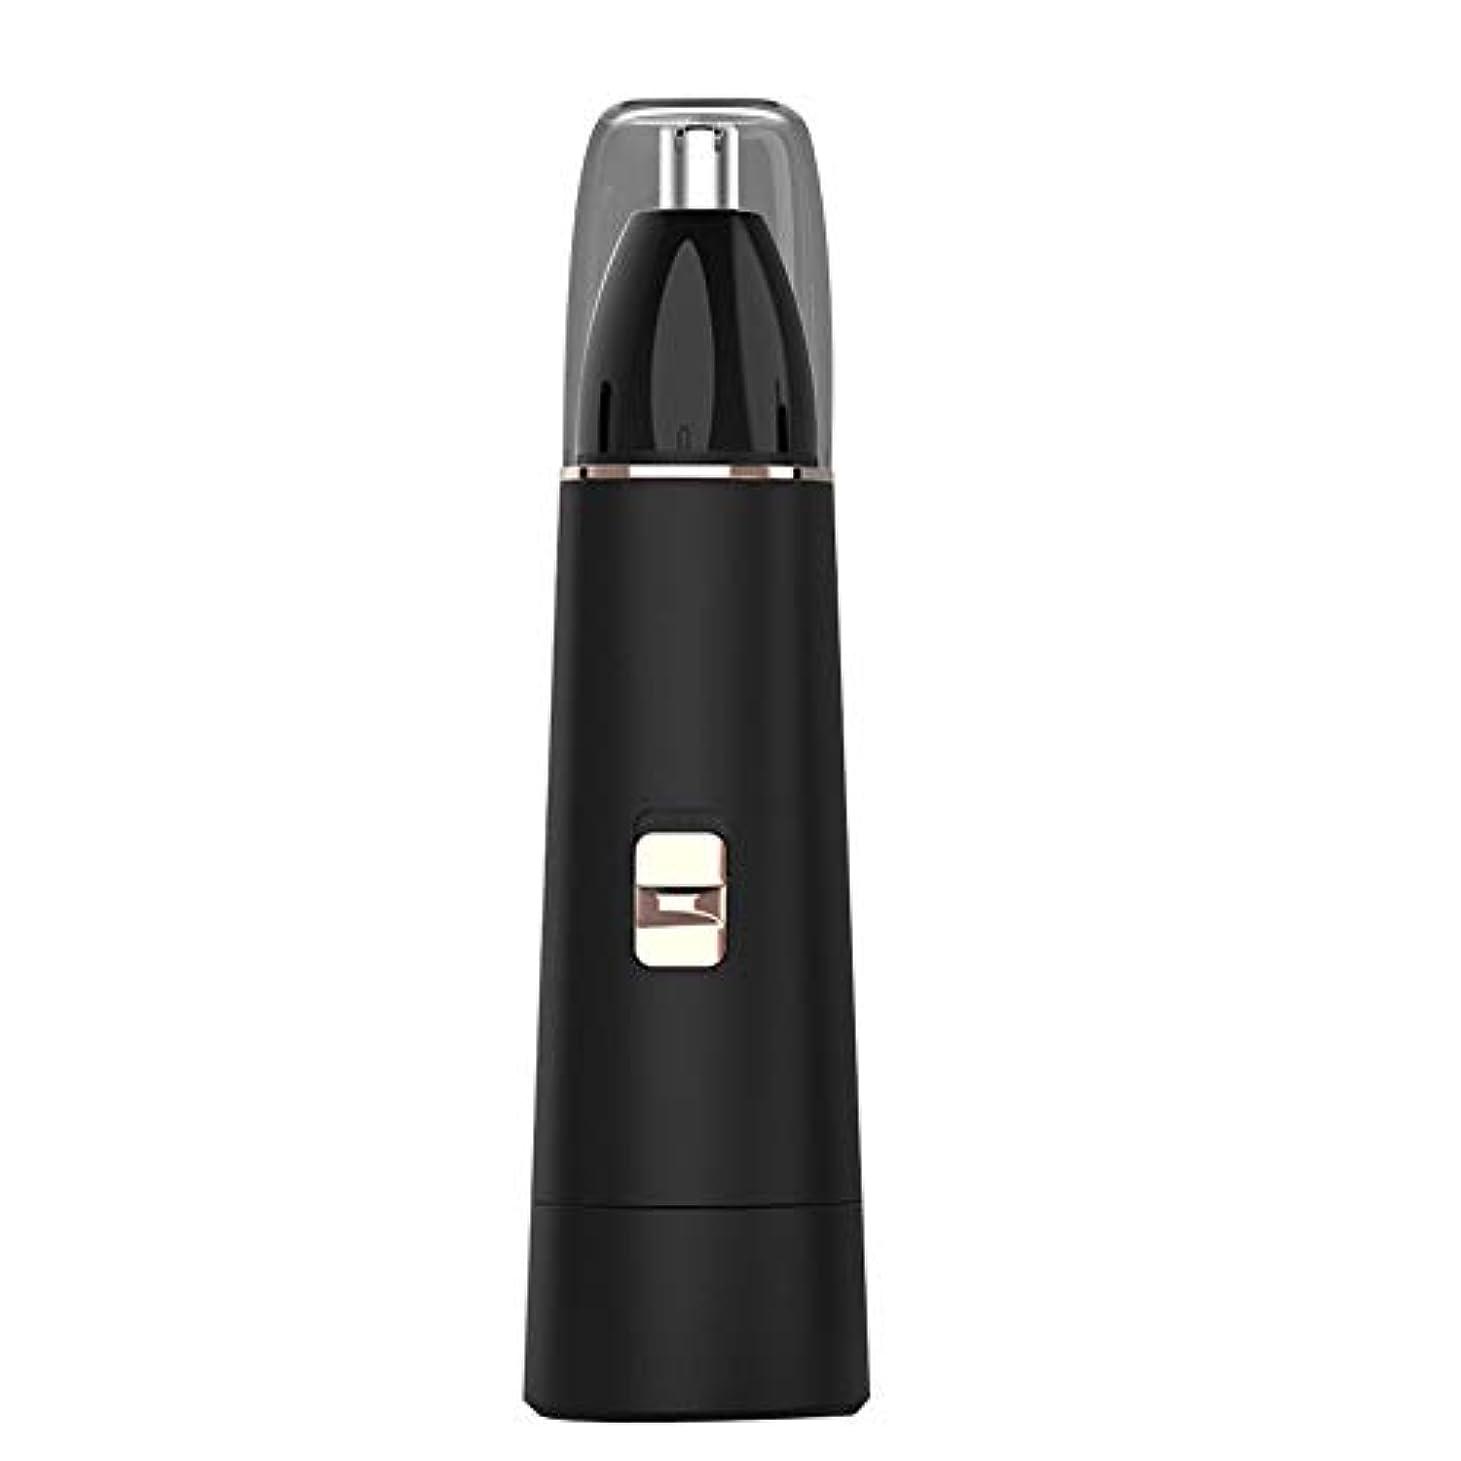 承知しましたステーキ半ば鼻毛トリマー-USB充電式電動鼻毛トリマー/ABS素材/多機能 使いやすい